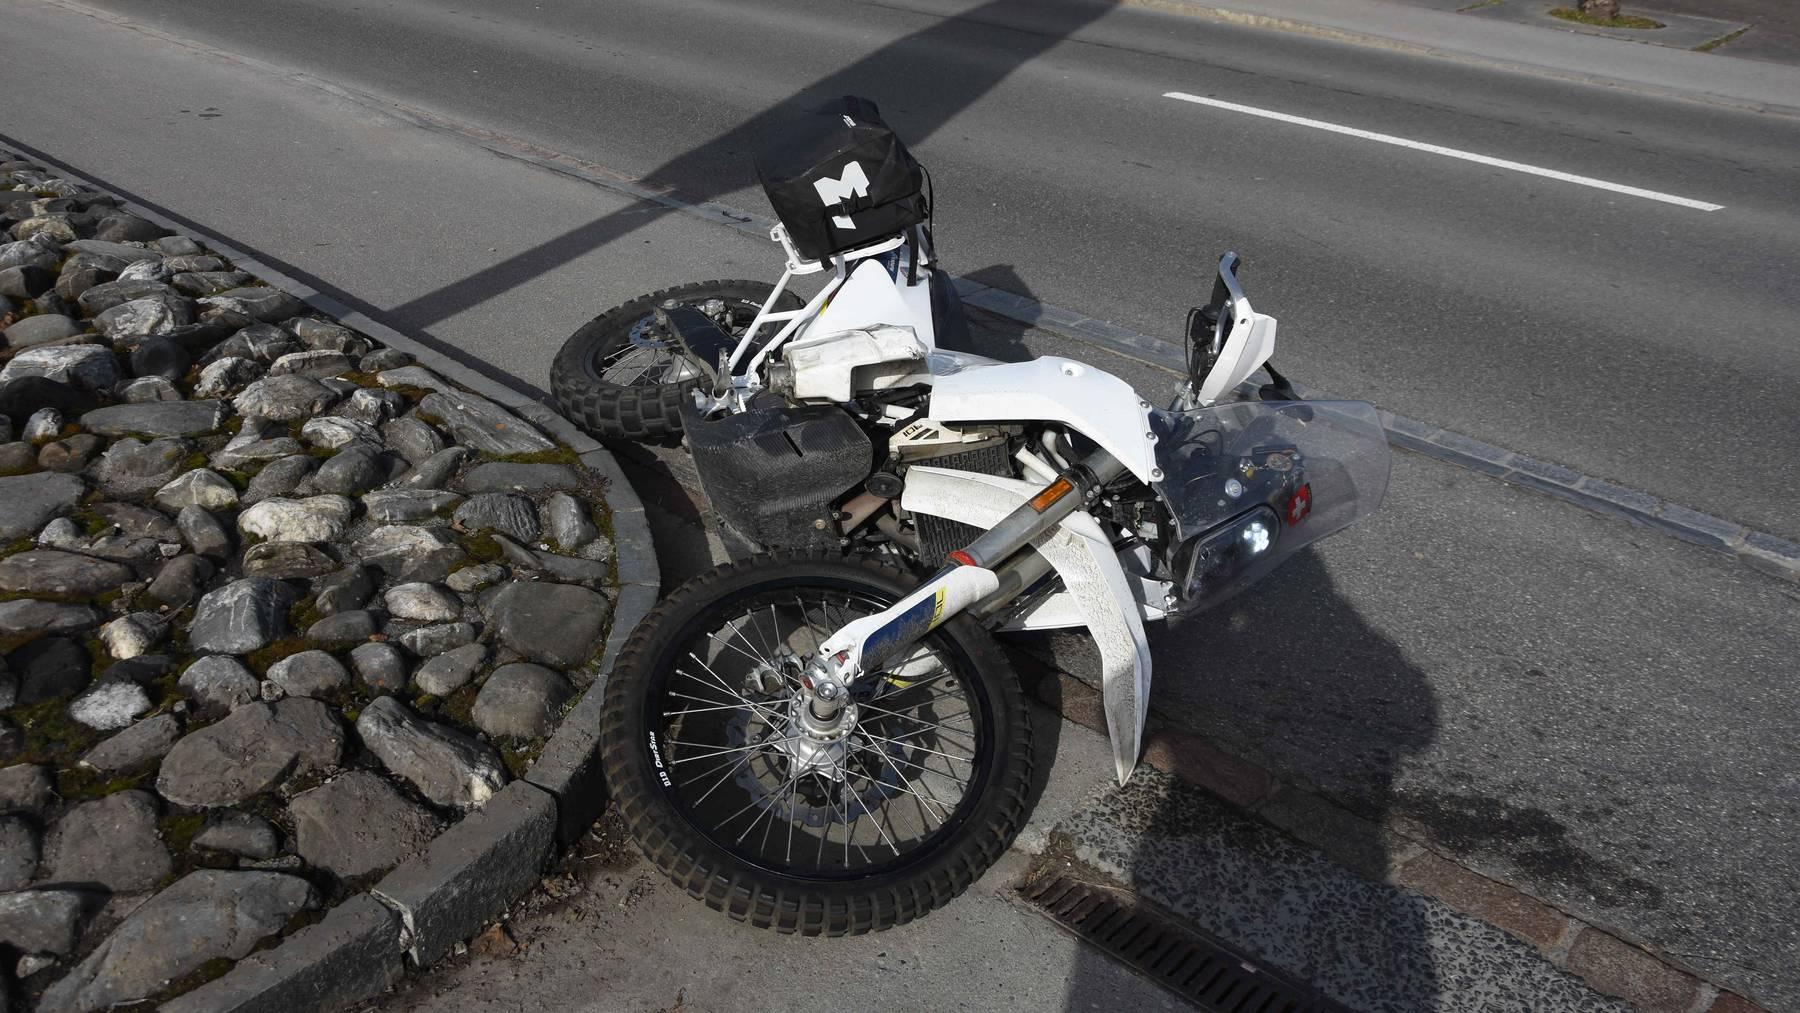 Der 65-jährige Töfffahrer wurde unbestimmt verletzt und mit der Rettung ins Spital gebracht.